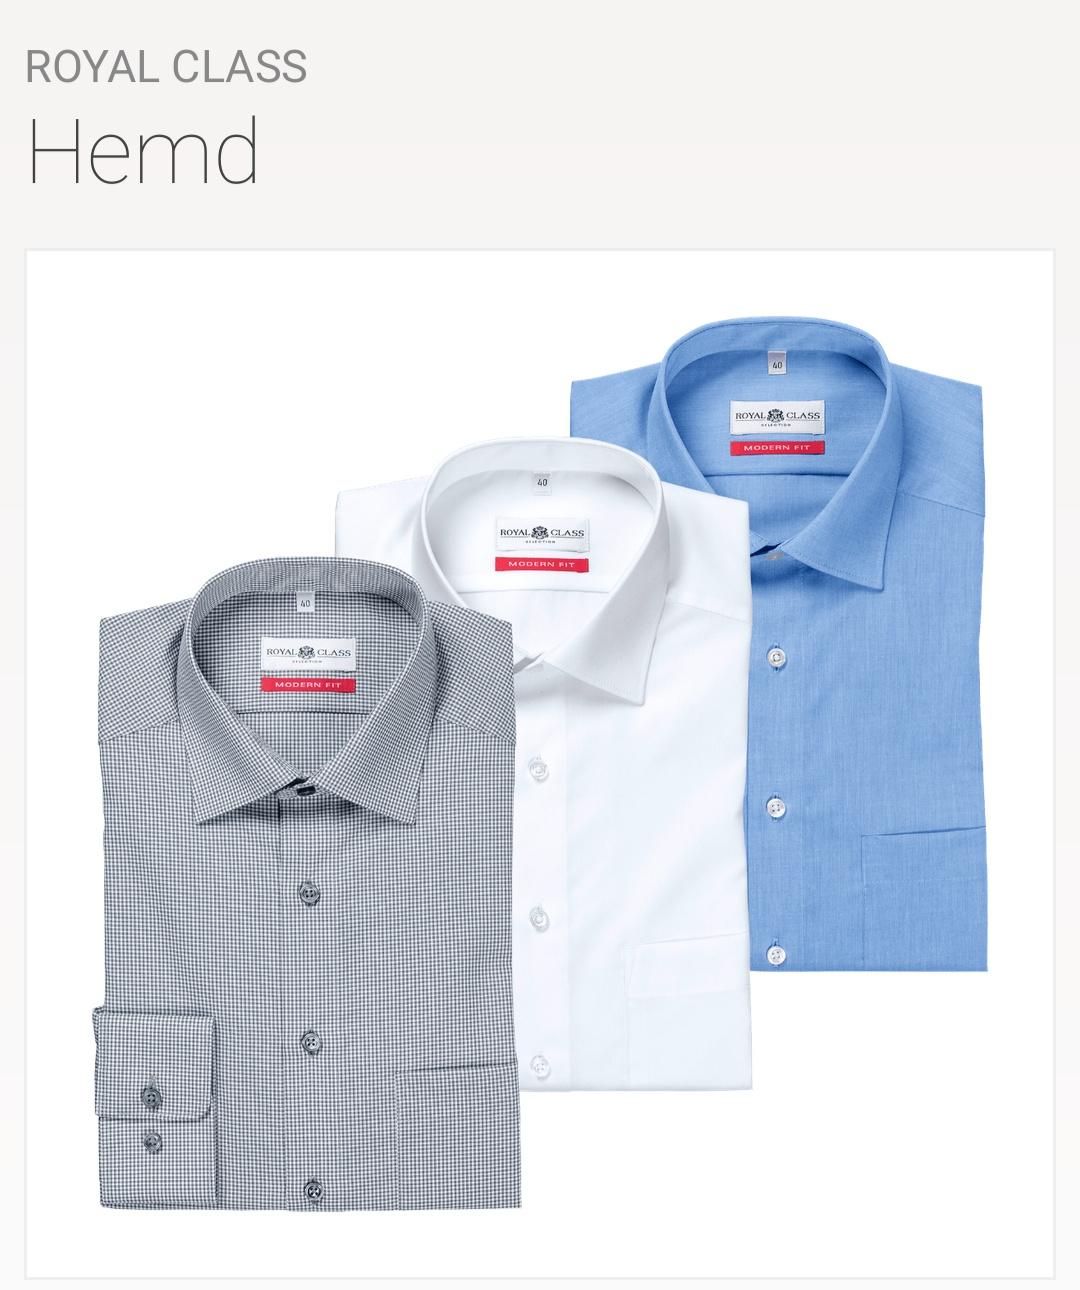 Royal Class Hemden ALDI Nord regular, modern und body fit, bügelfrei